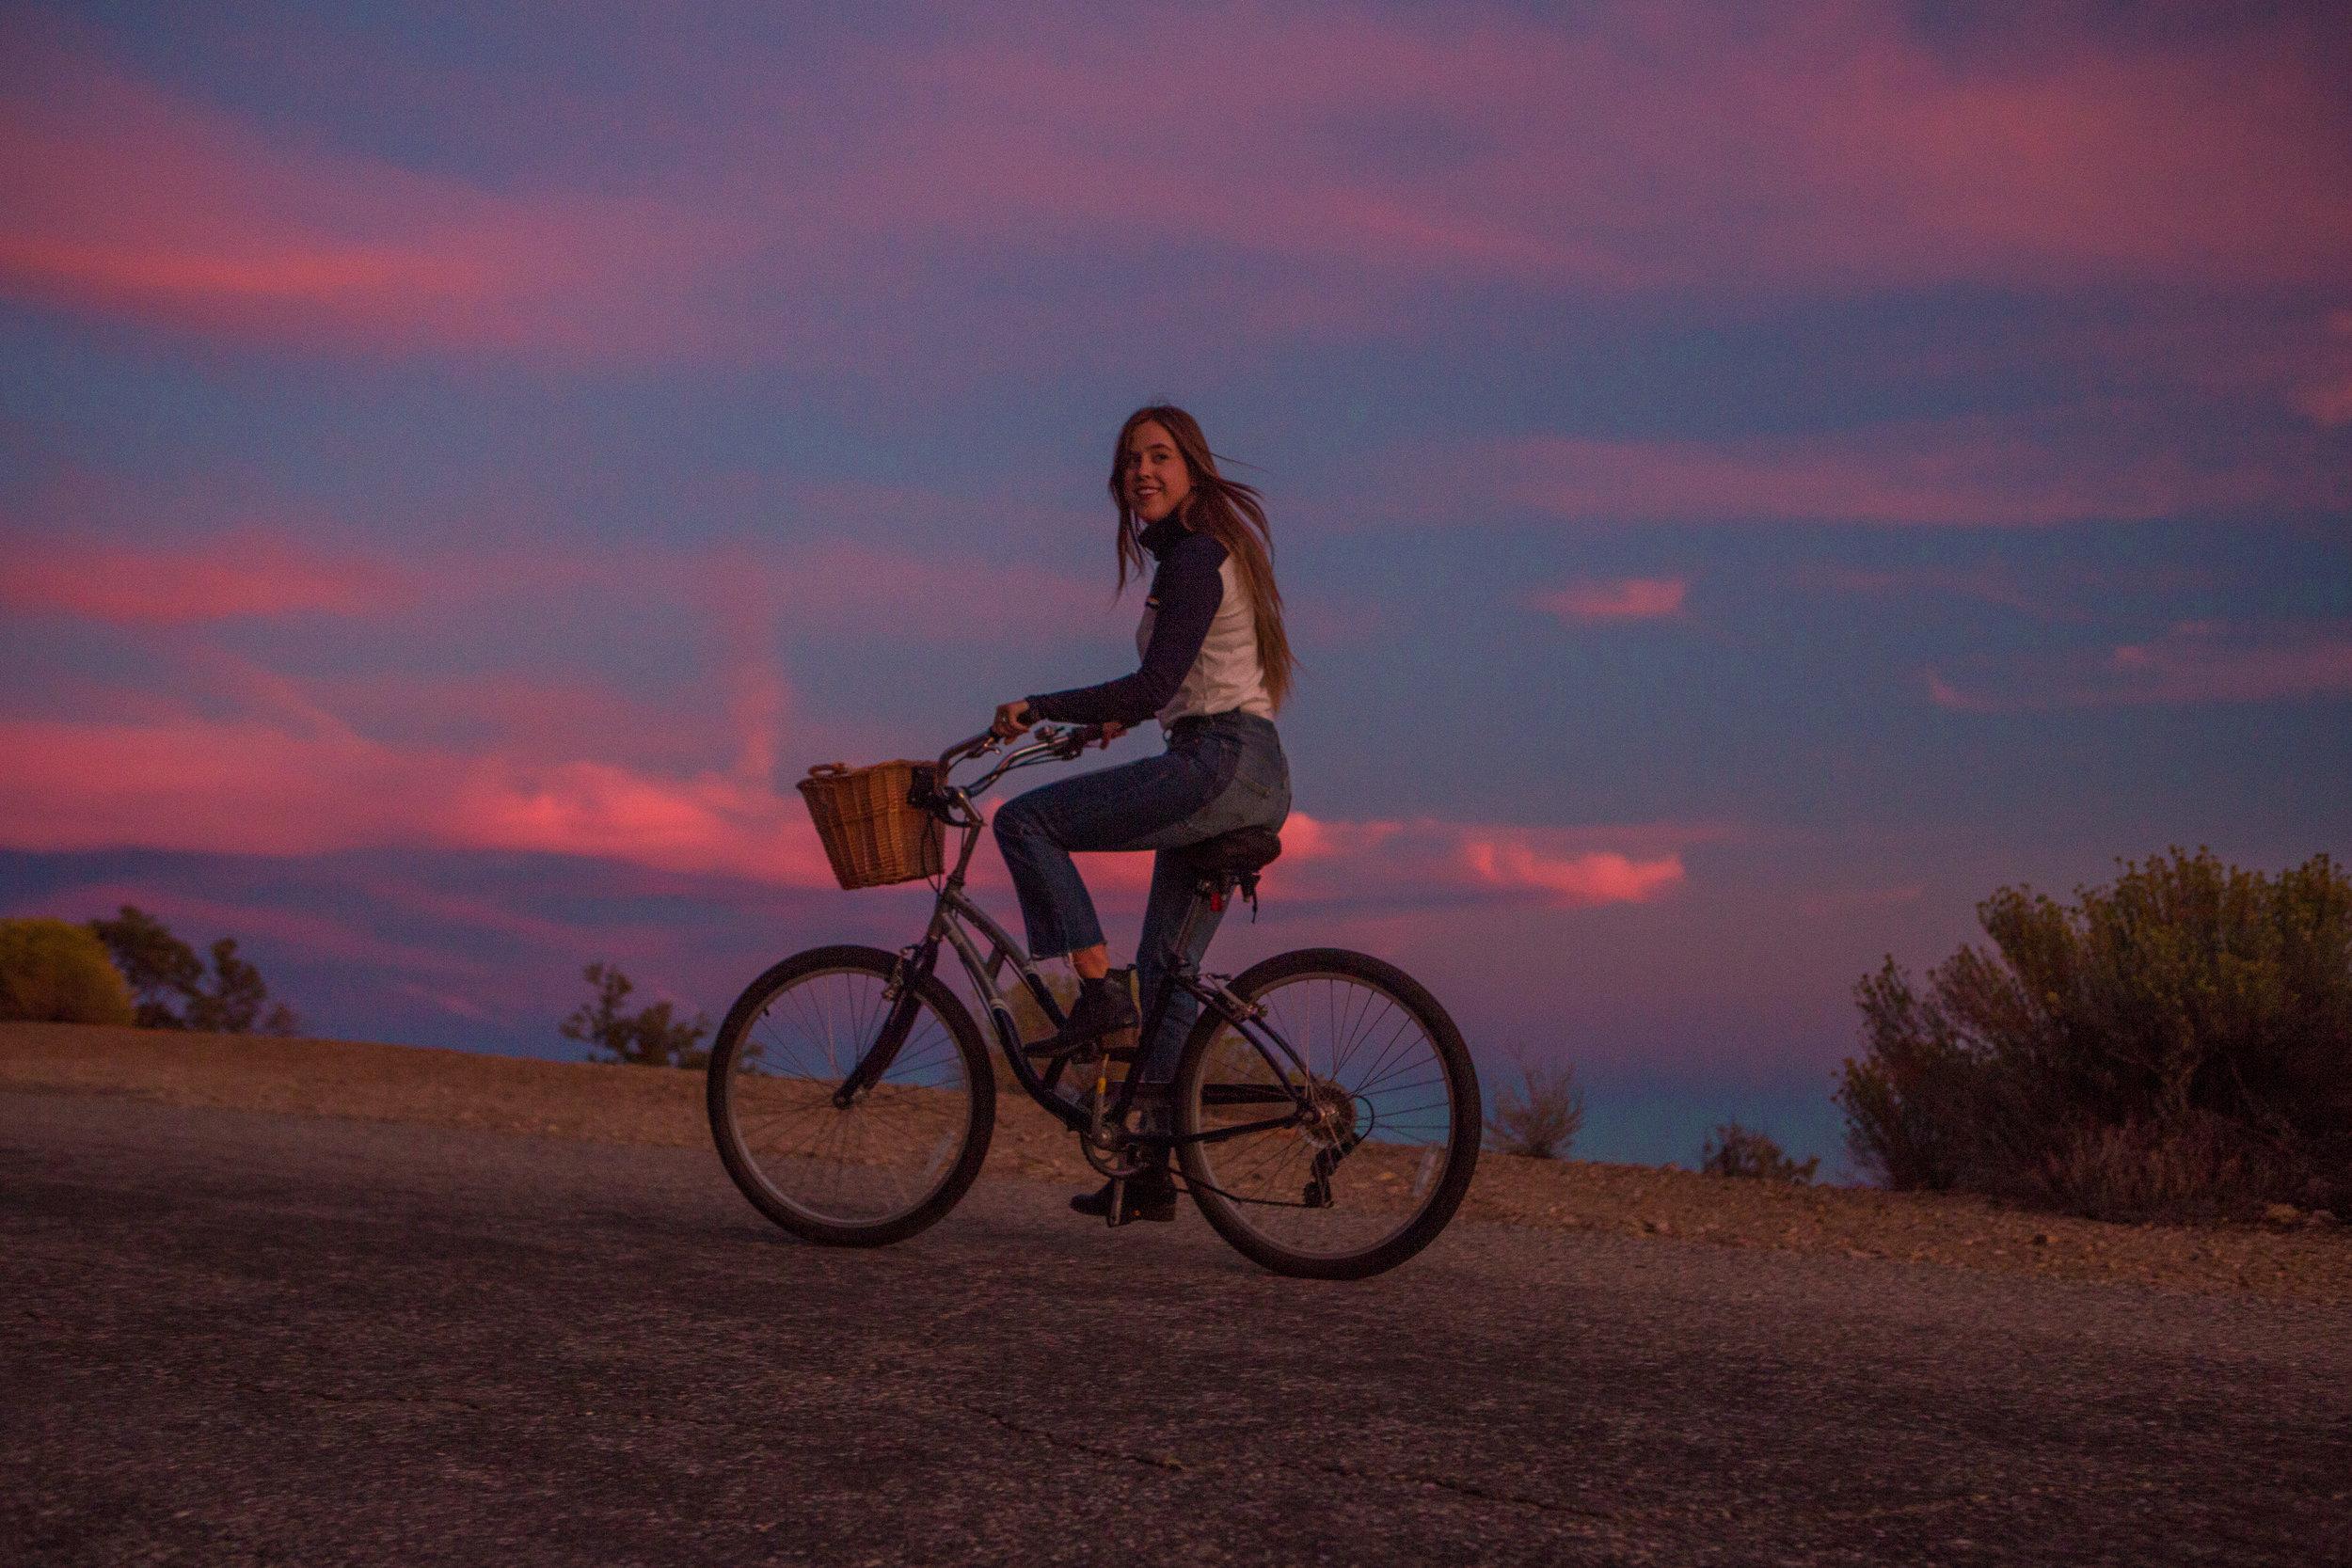 AstroBandit_JordanRose_Revere_Sunset_Bike_Ride_California_Mountains_7.jpg